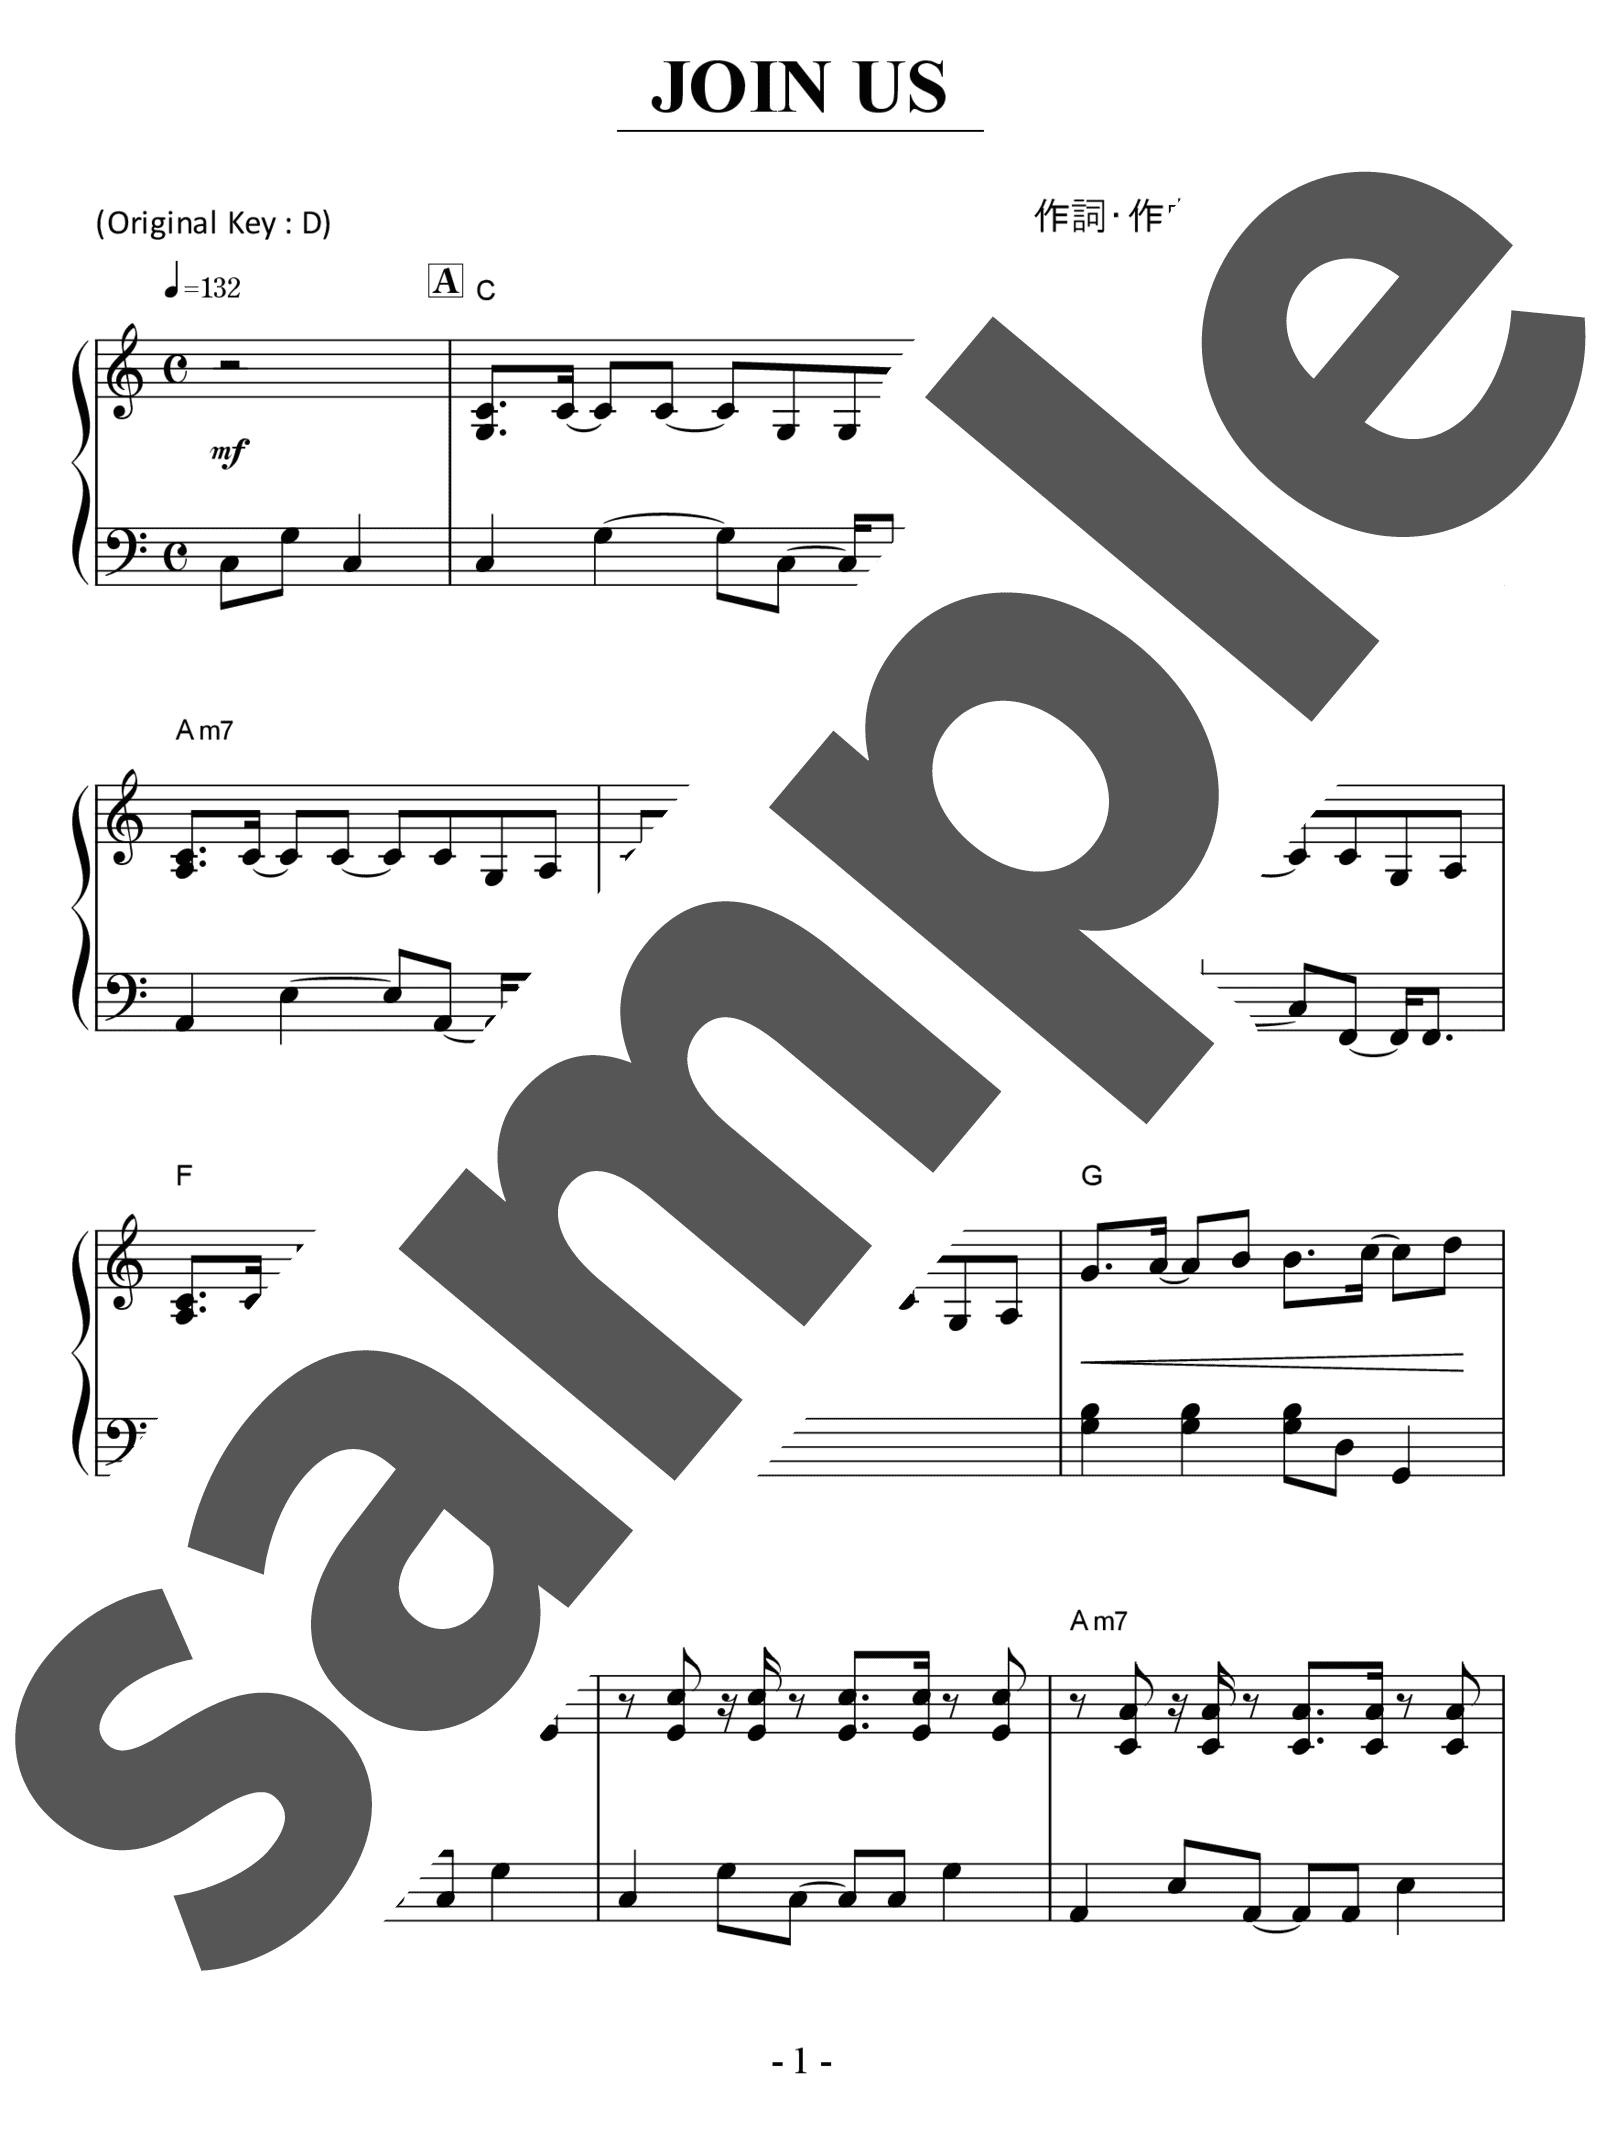 「JOIN US」のサンプル楽譜